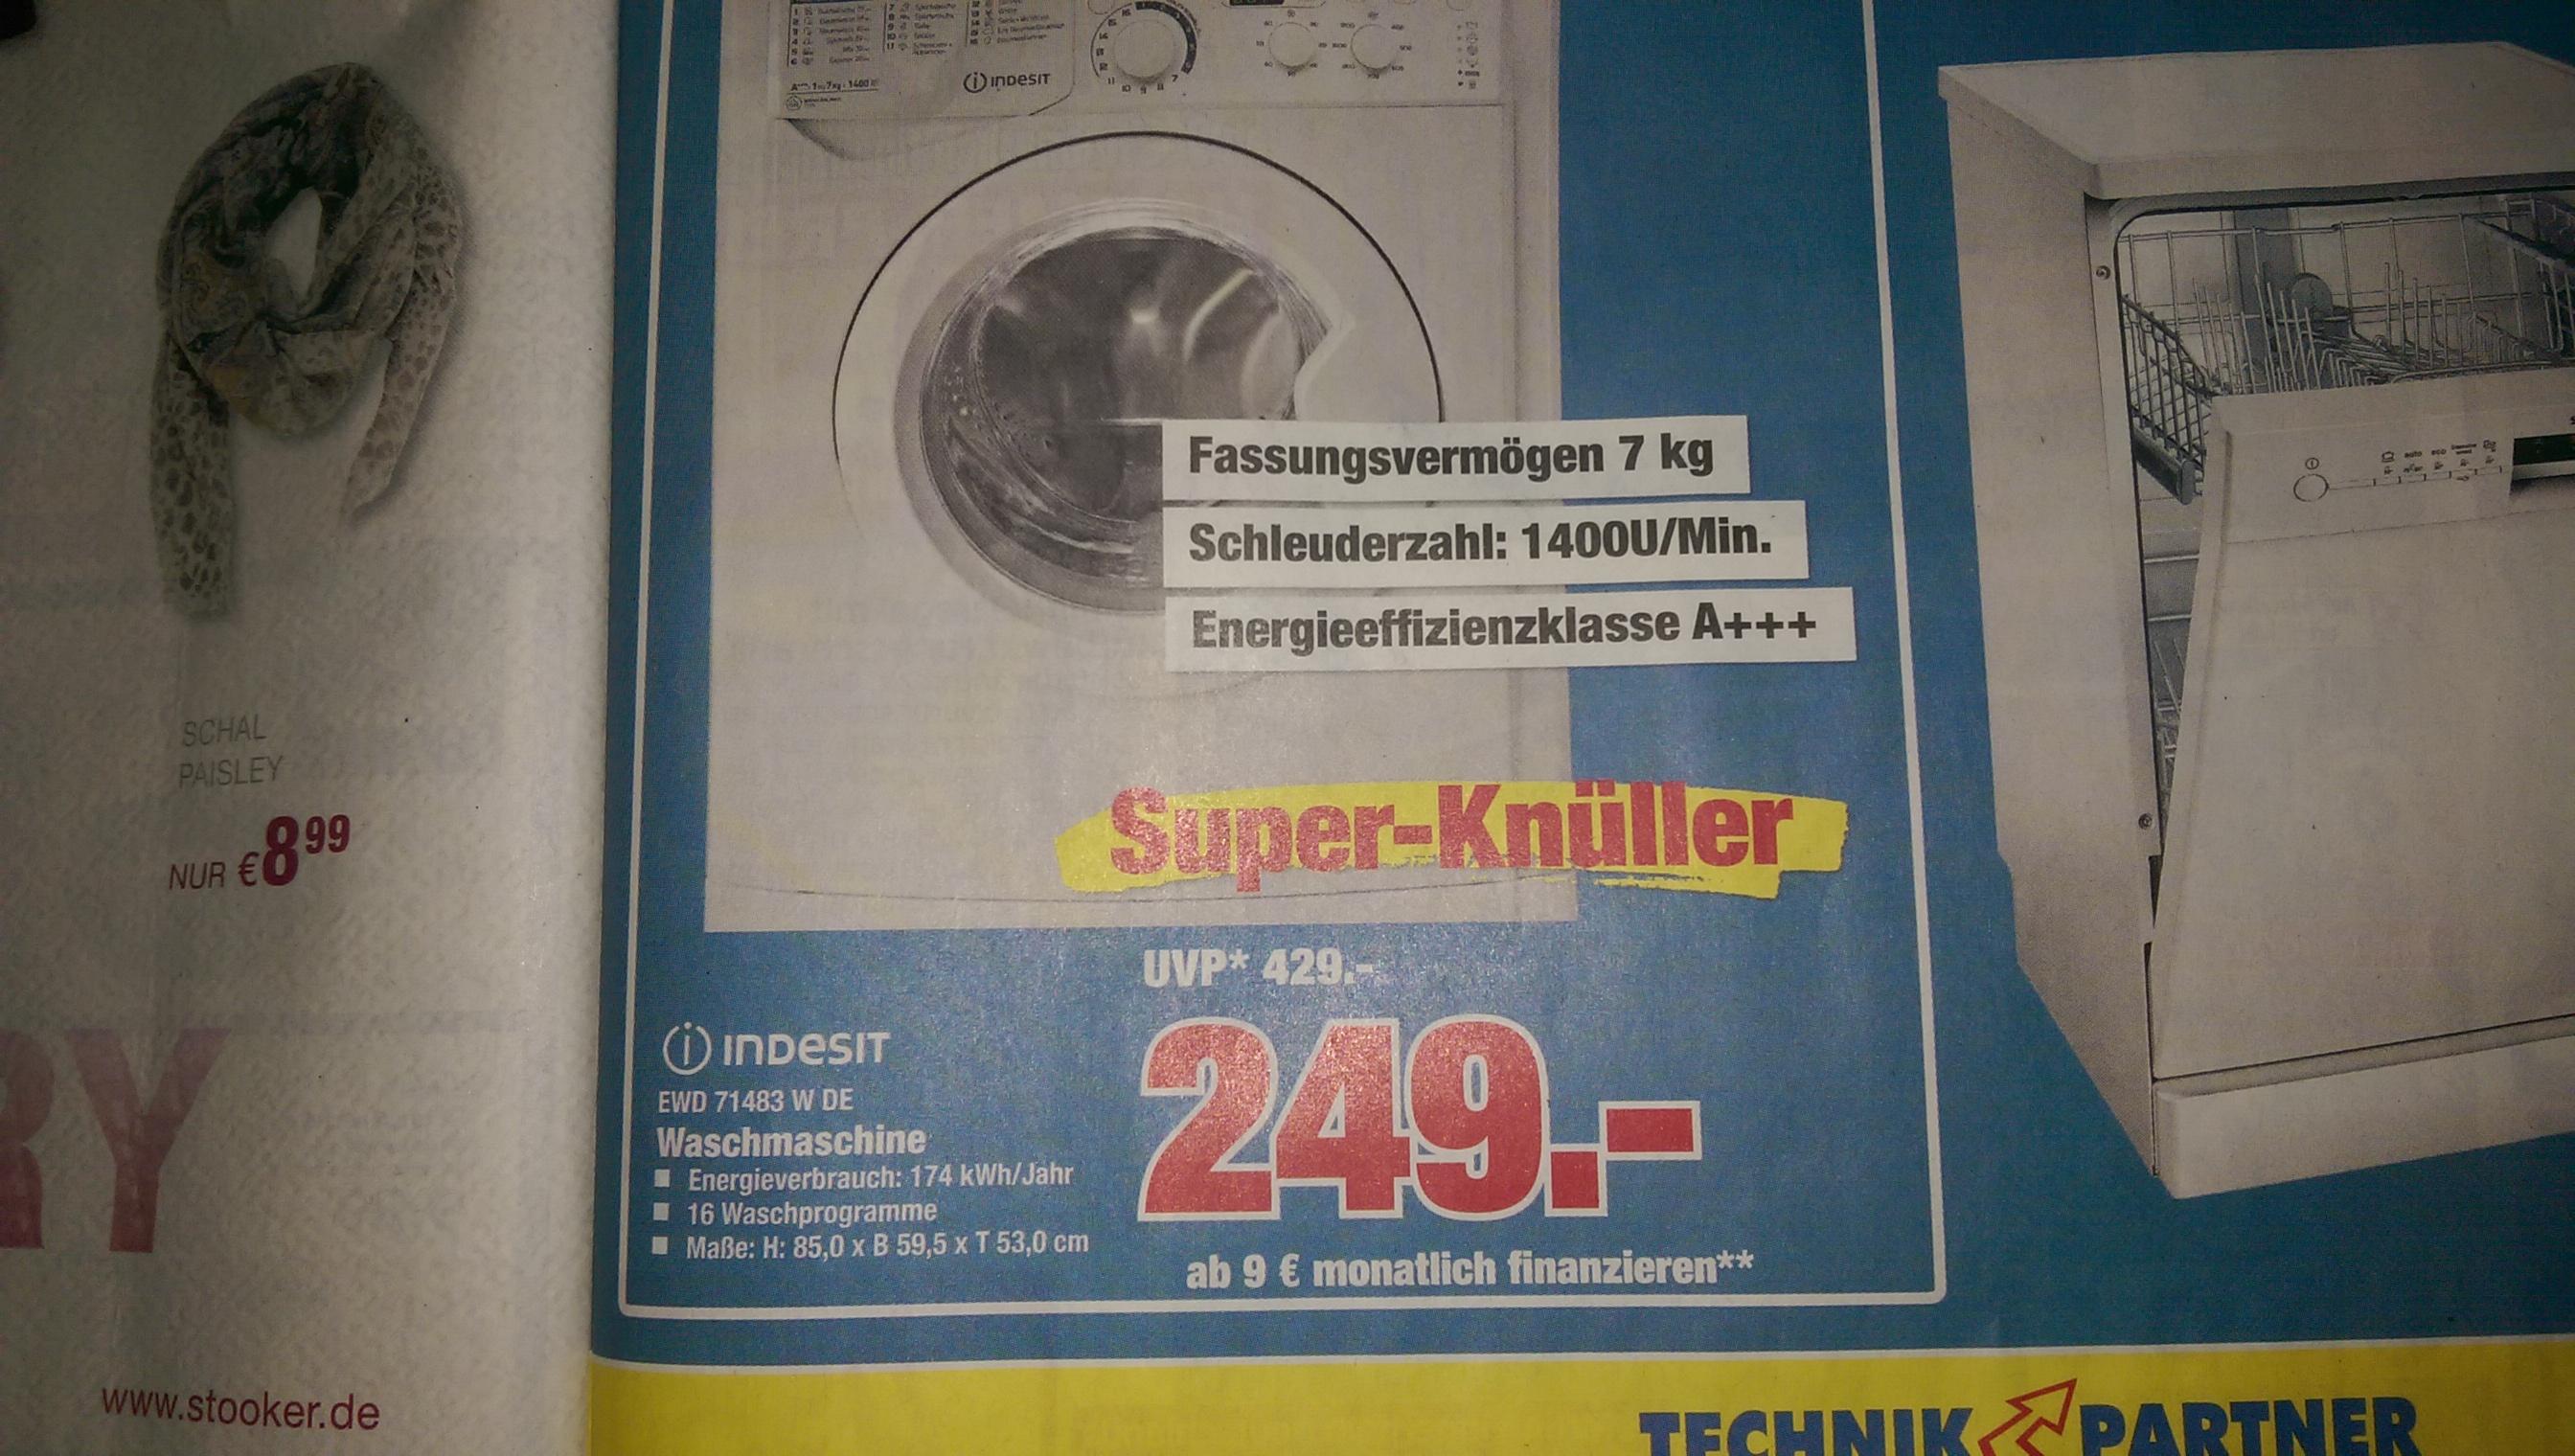 Indesit EWD 71483WDE Waschmaschine: EEK A+++, 7KG, 1400 U/min, 16 Programme für 249€ @Technik Partner Vellmar (bei Kassel) [nächster Preis 329€]